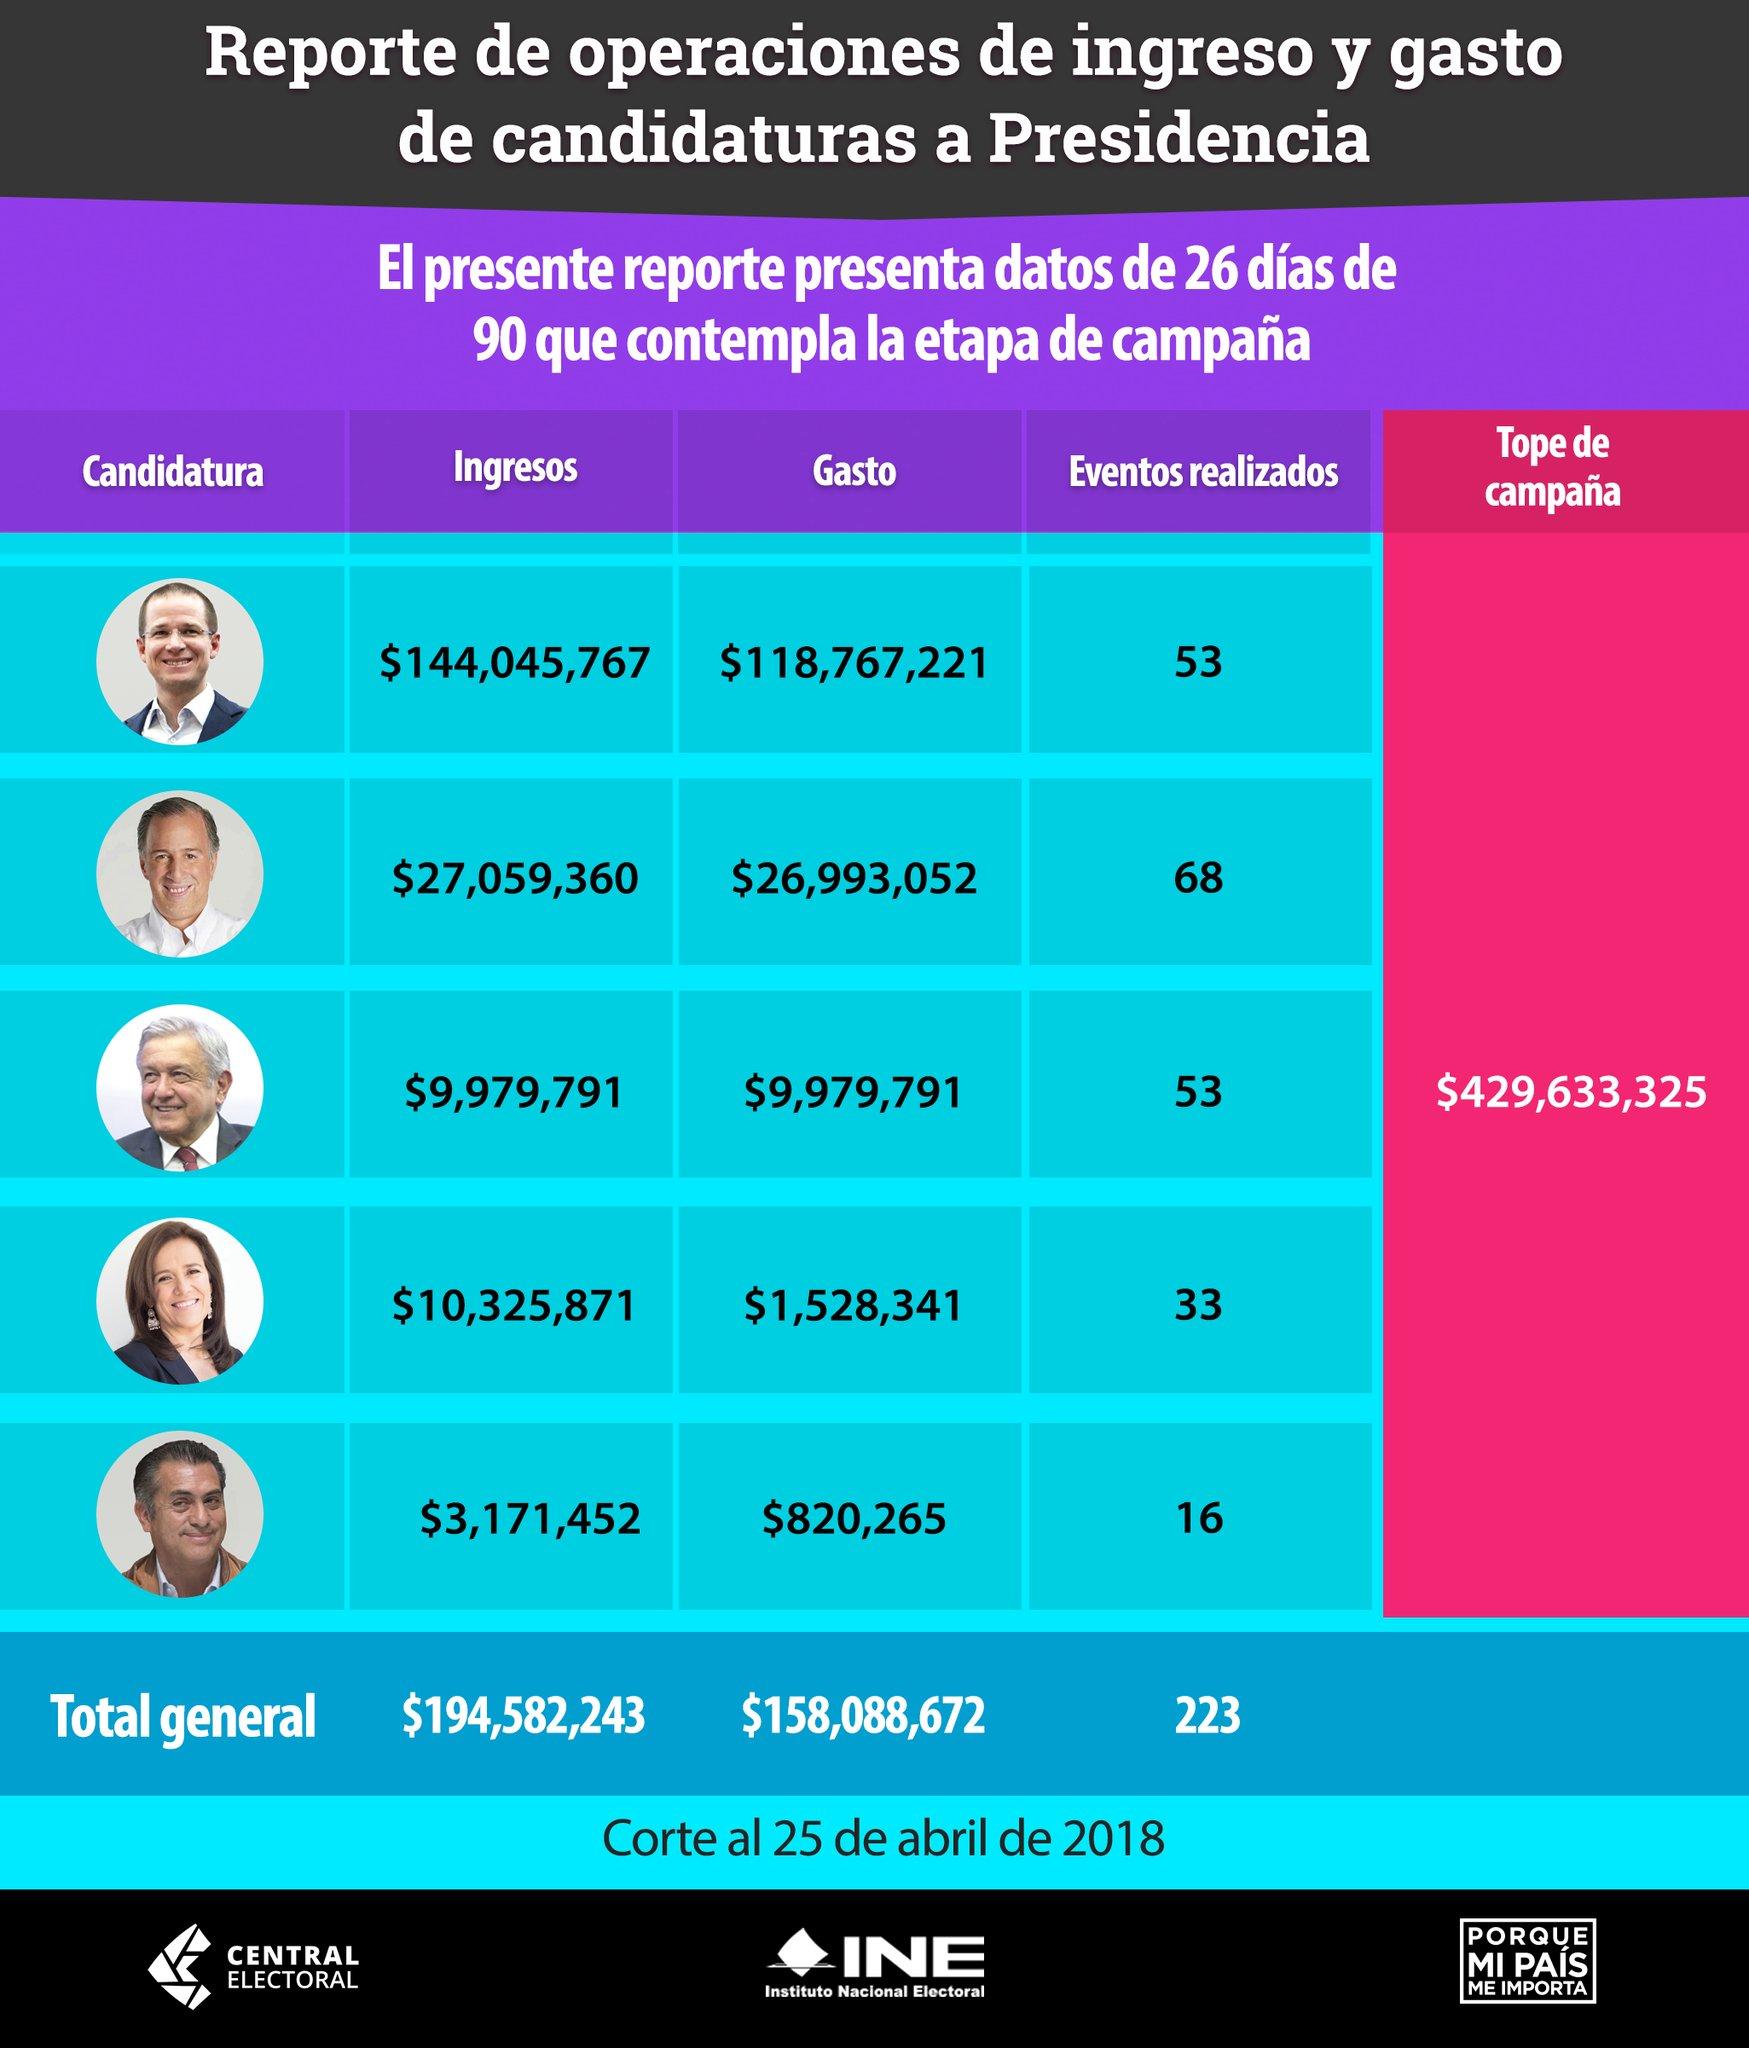 Reporte de gastos y operaciones de los candidatos presidenciables